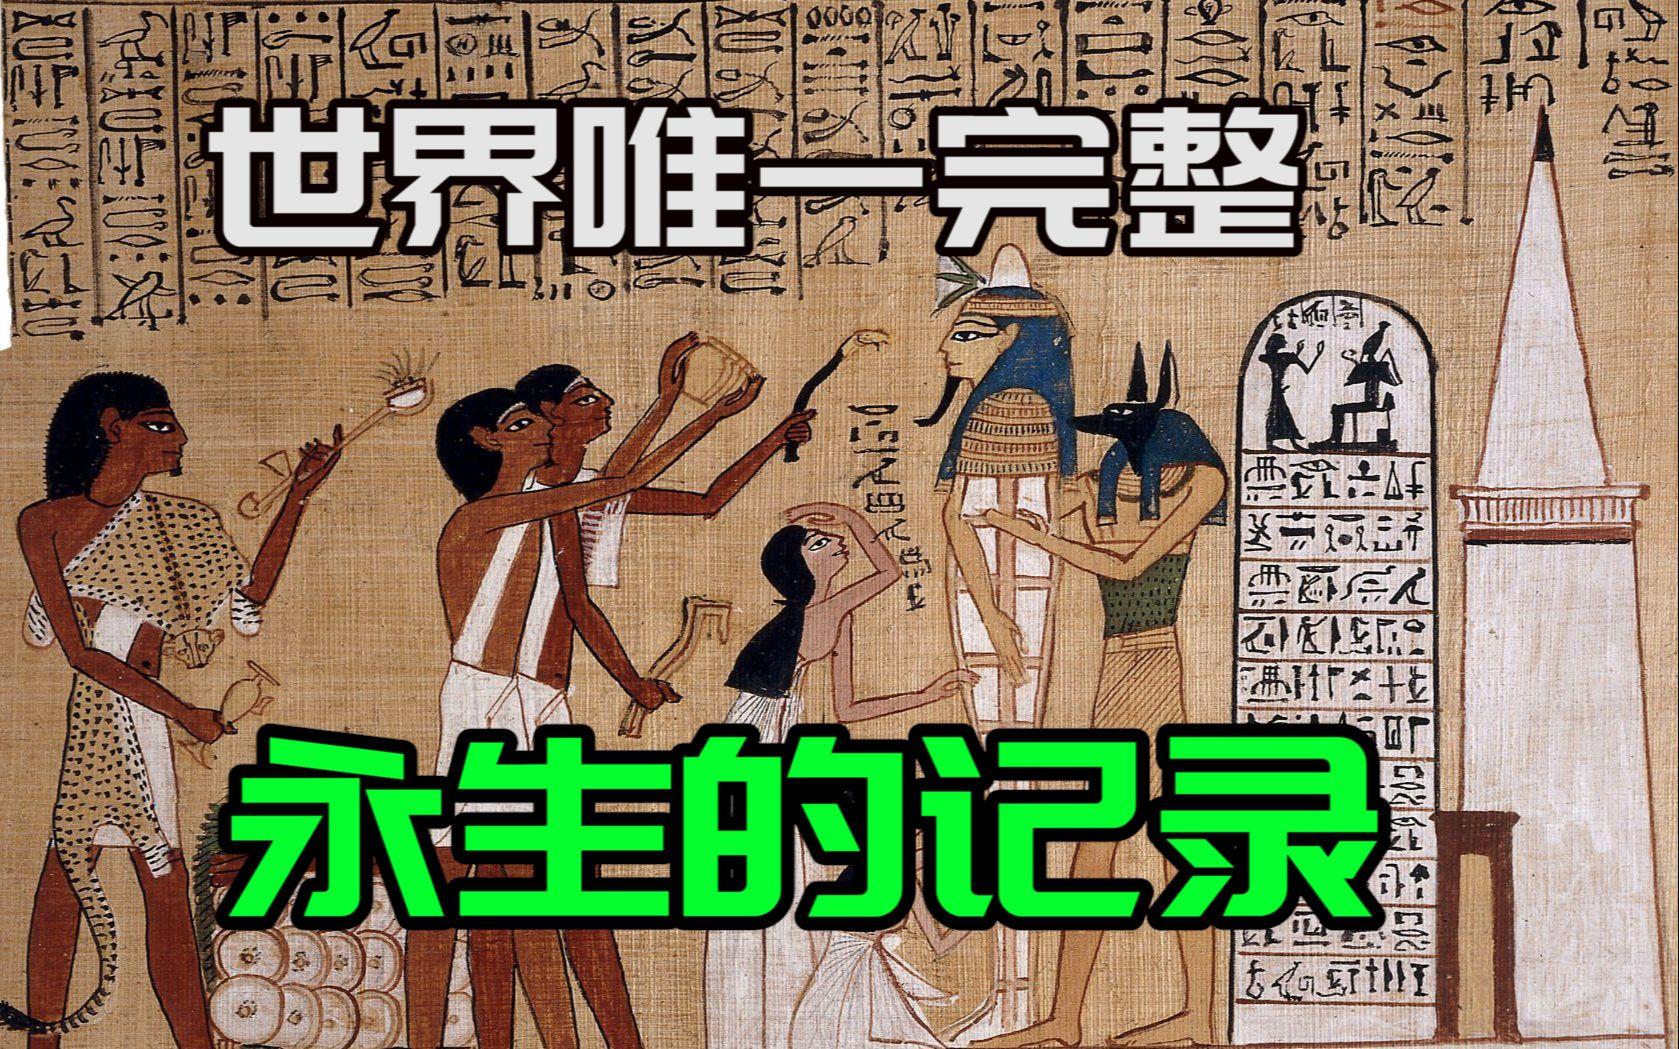 世界唯一完整永生记录, 埃及法老的重生! 地球编年史9, 10合集